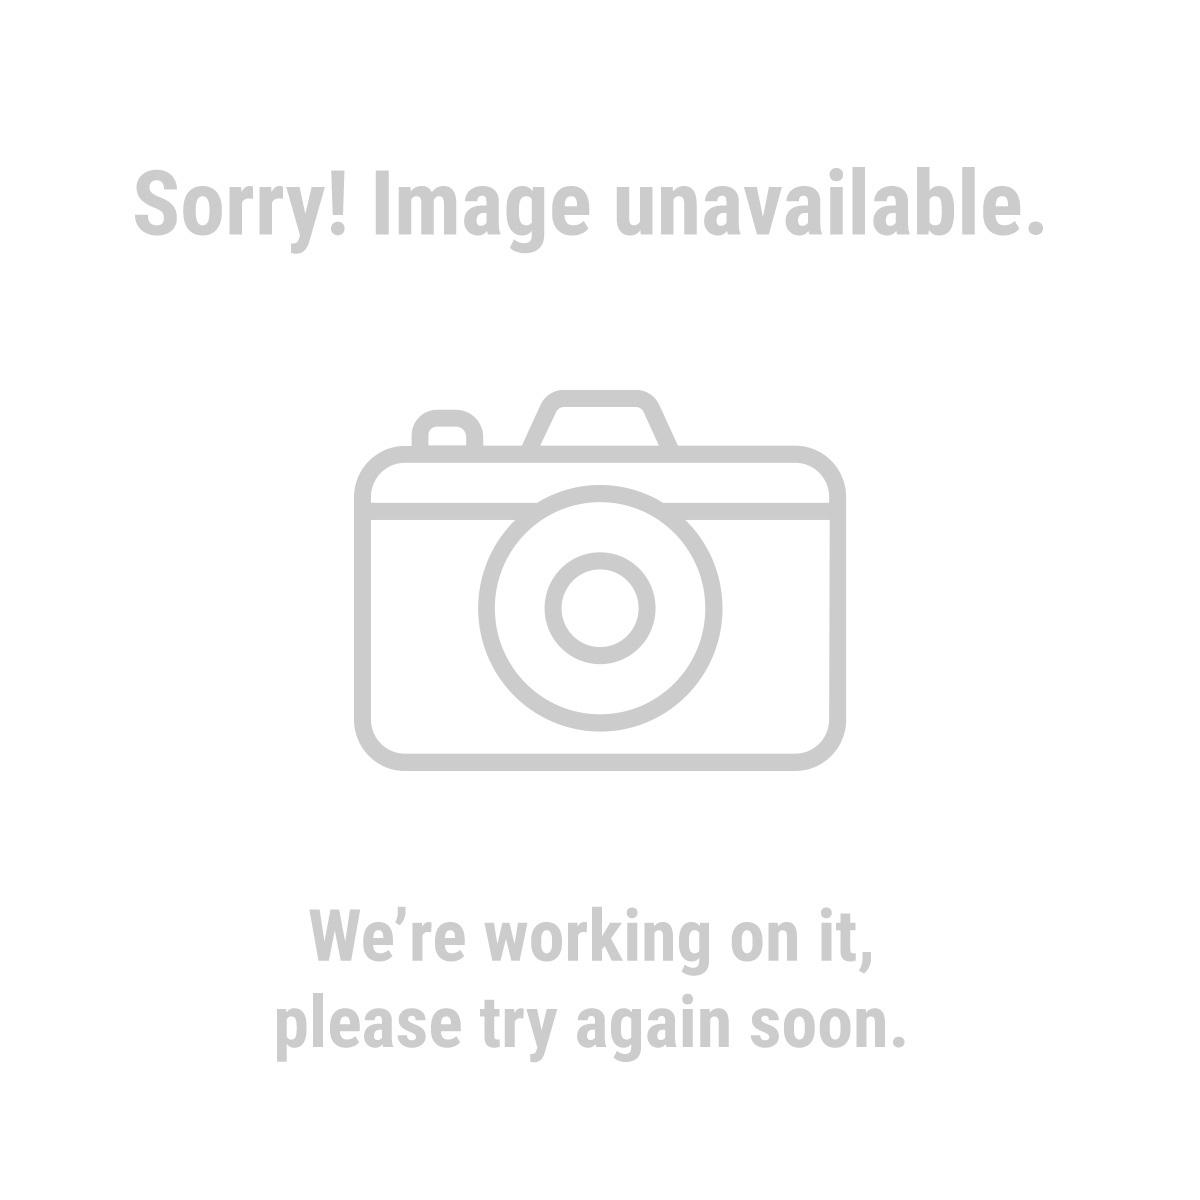 Fasten Pro 61787 1000 Piece 3/8 In. Heavy Duty Staples